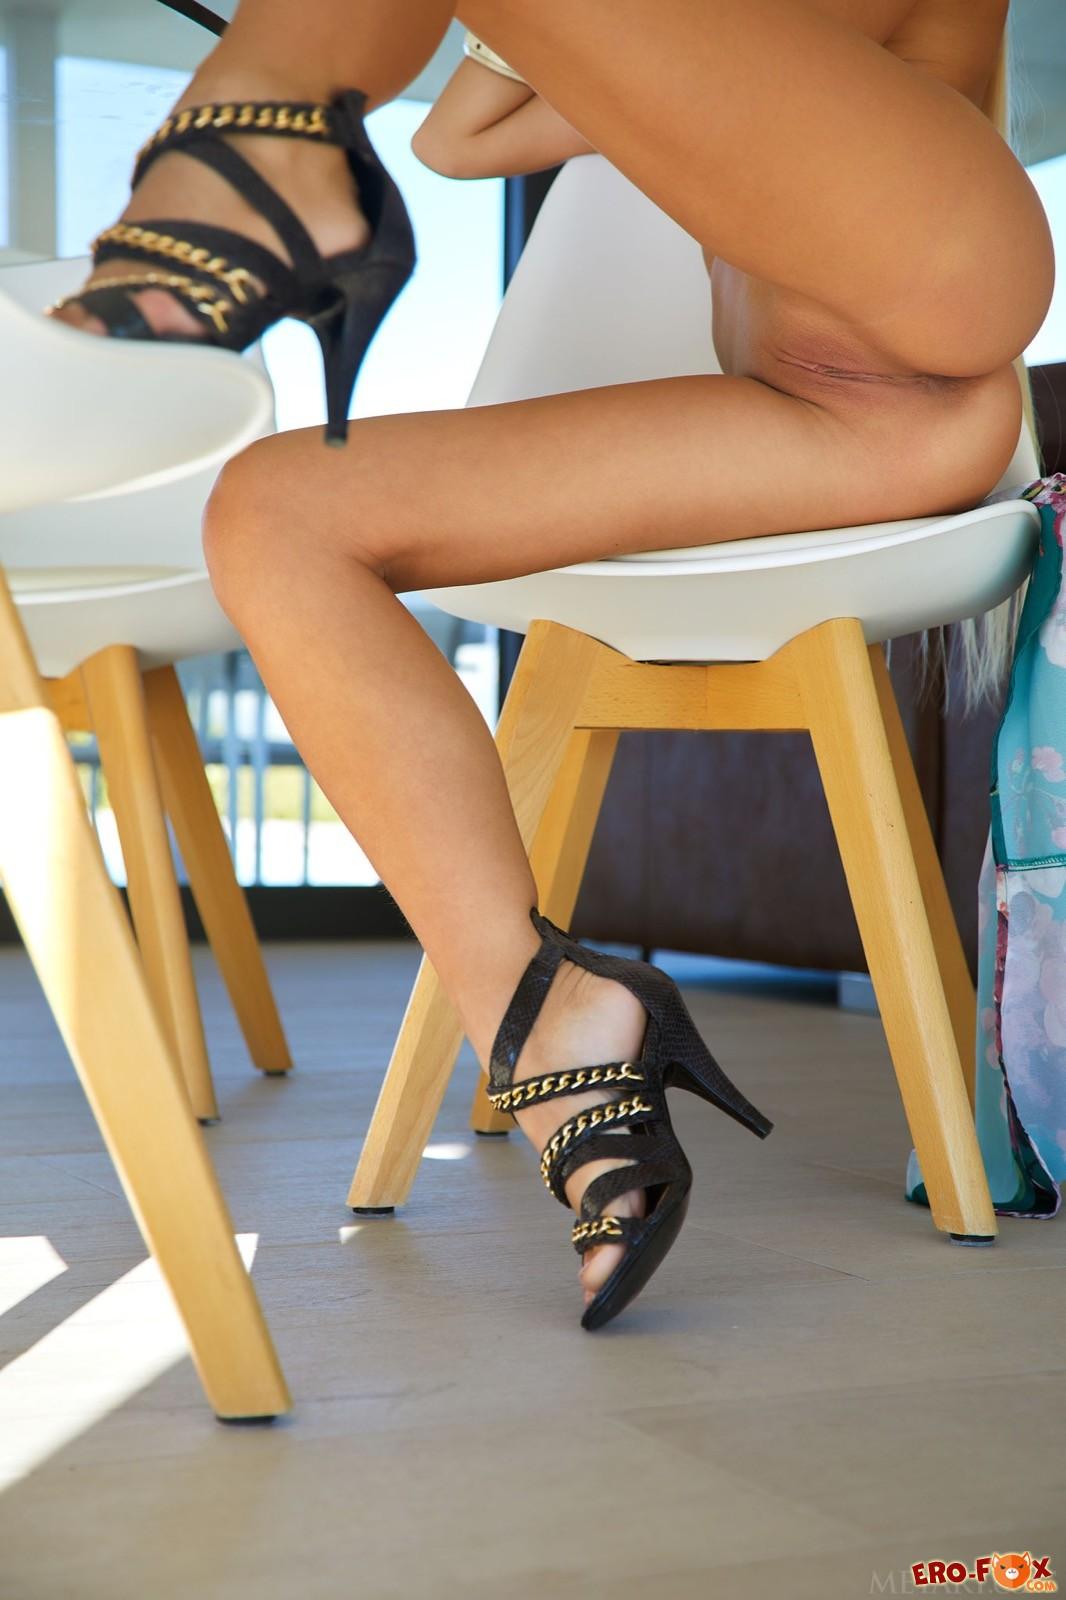 Блондинка без трусов раздвигает длинные ноги на стуле - фото